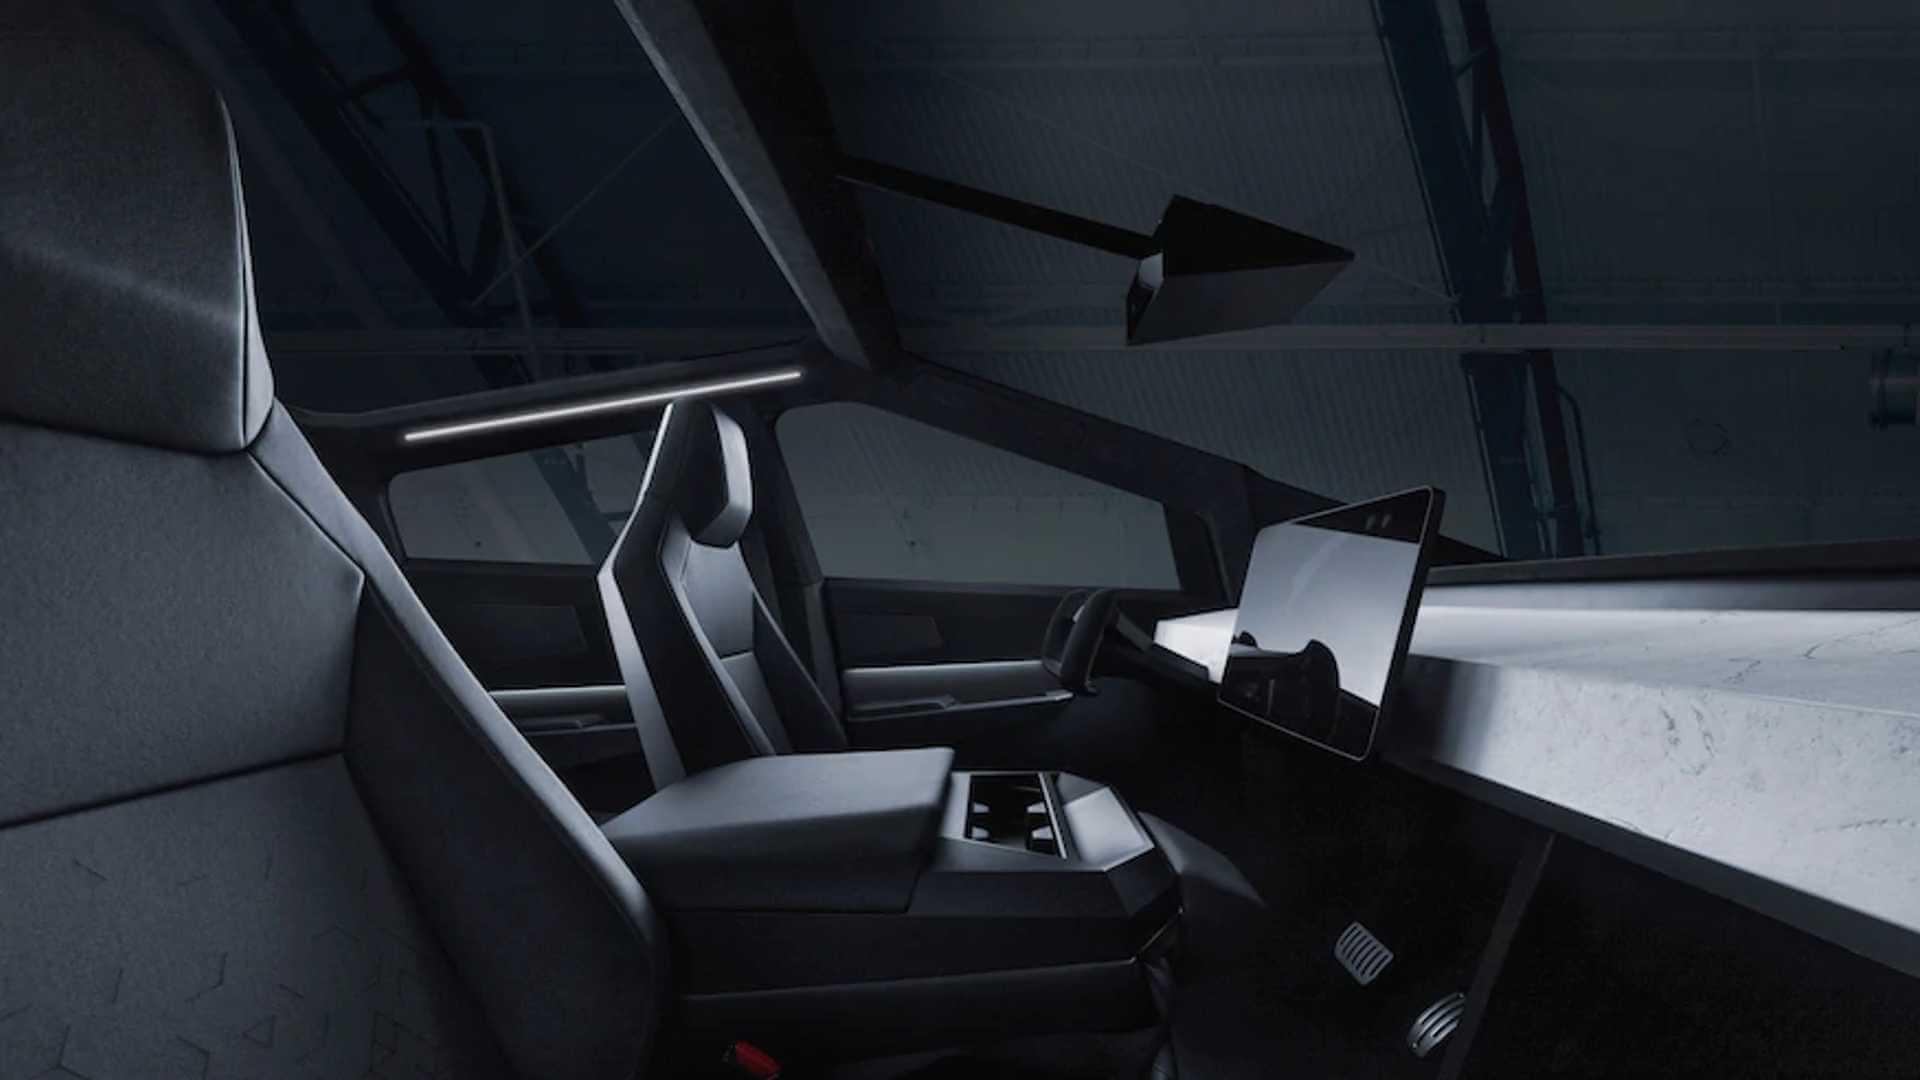 Интерьер Tesla Cybertruck с центральным мультимедийным дисплеем